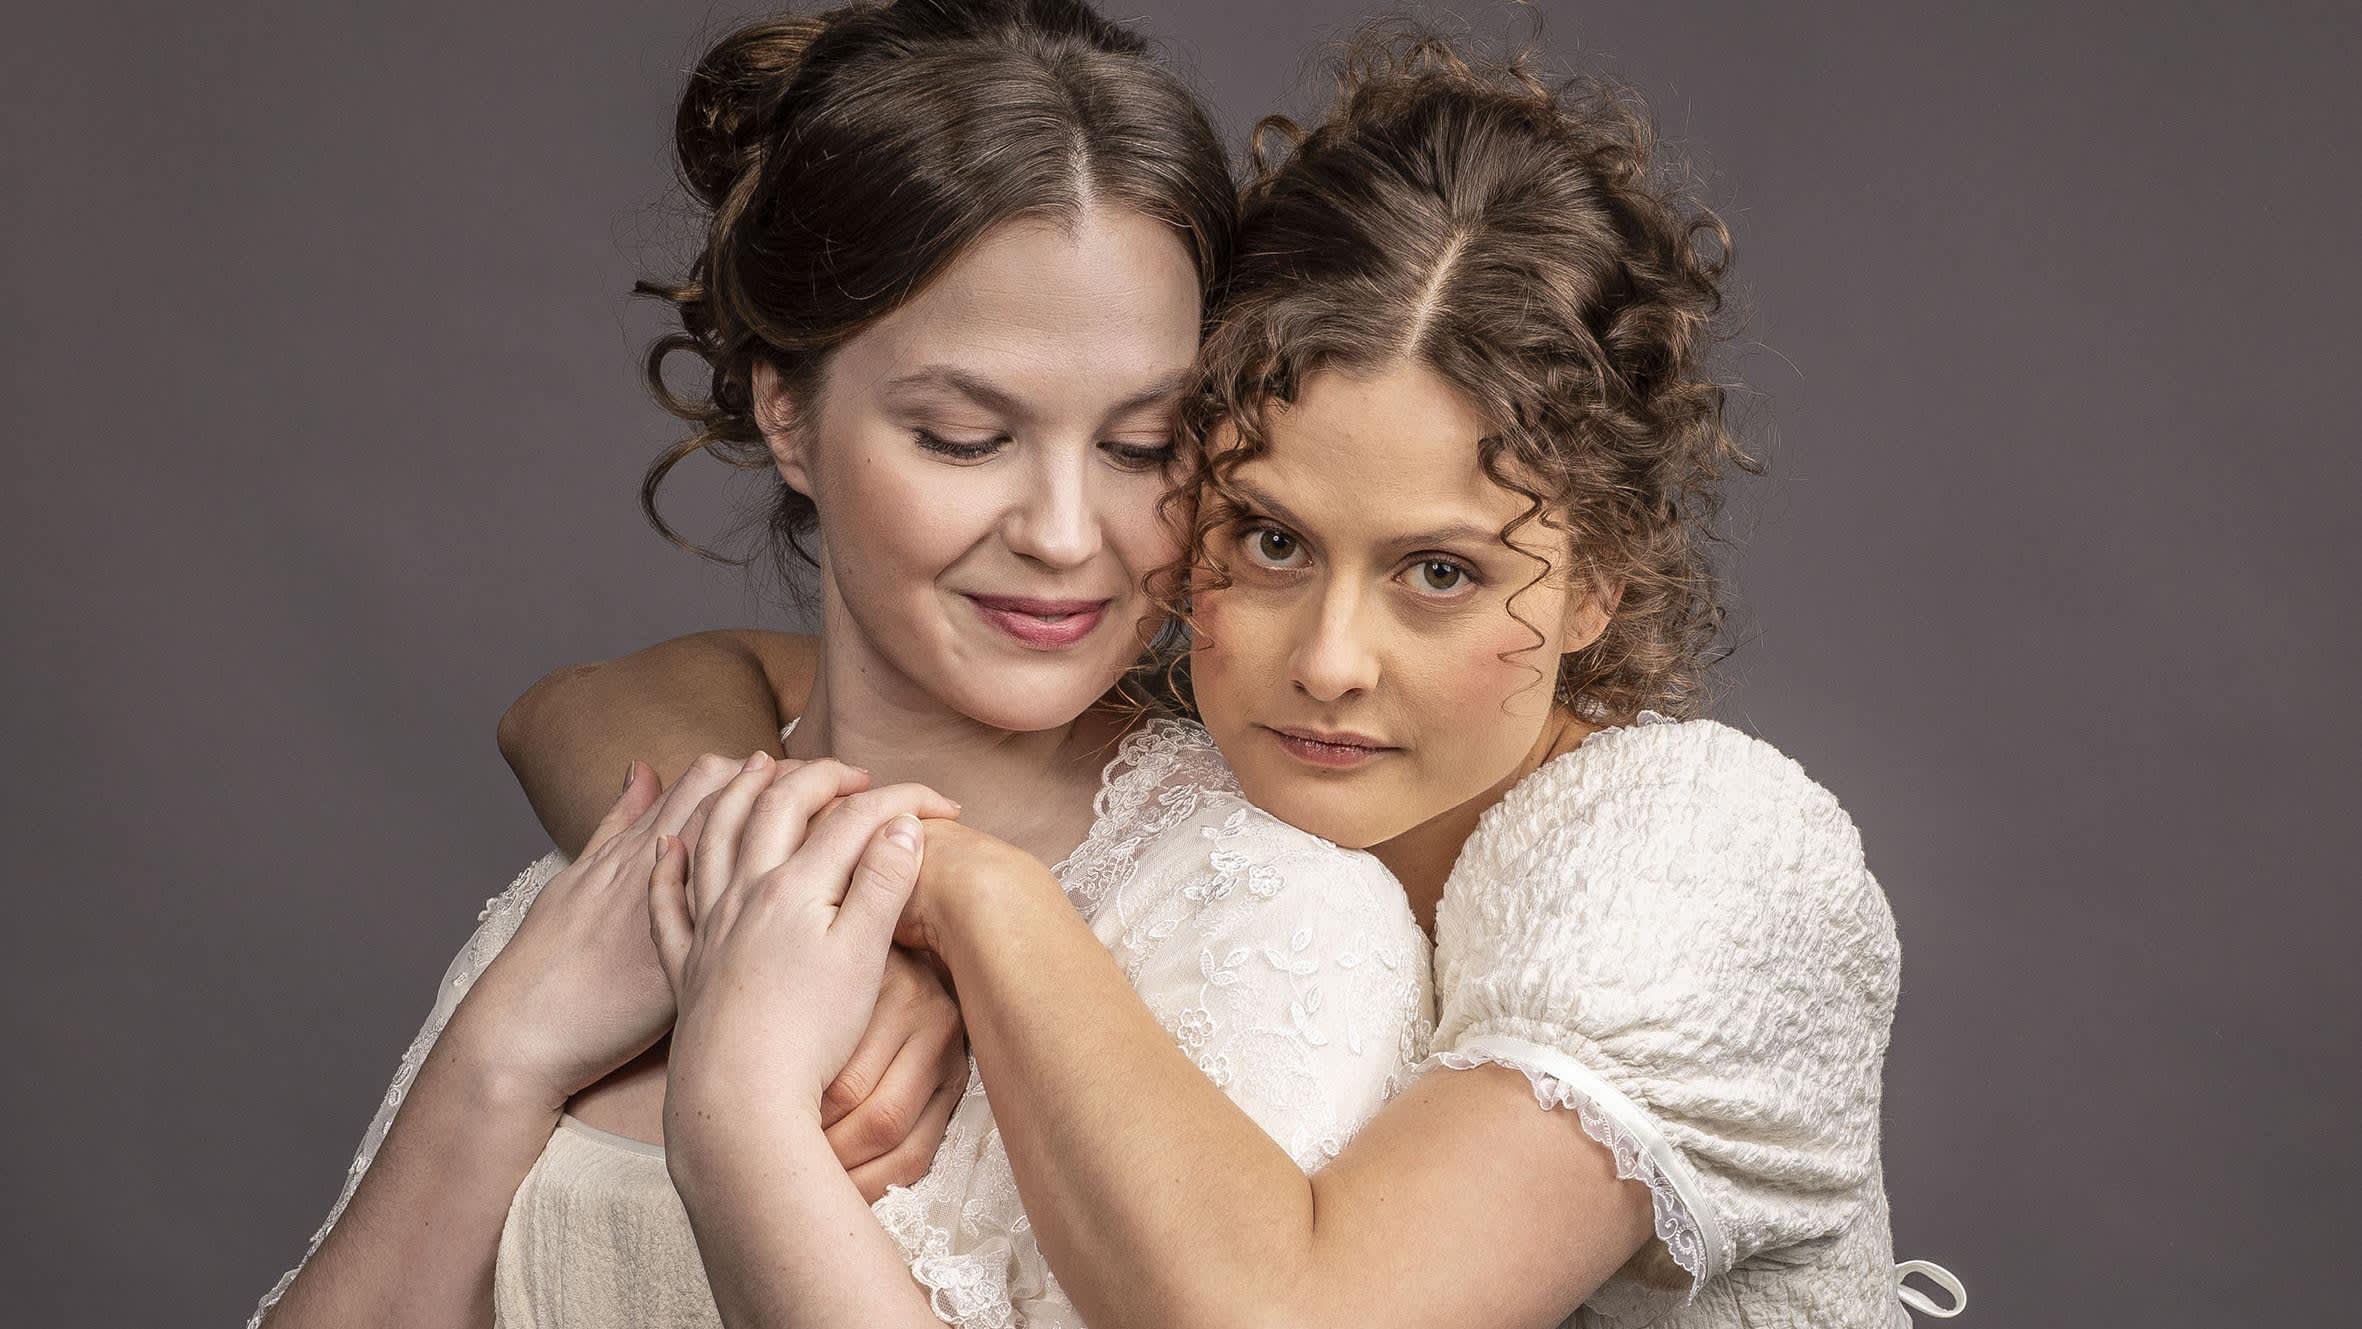 Järki ja tunteet -näytelmän kaksi nuorta naista yhteiskuvassa